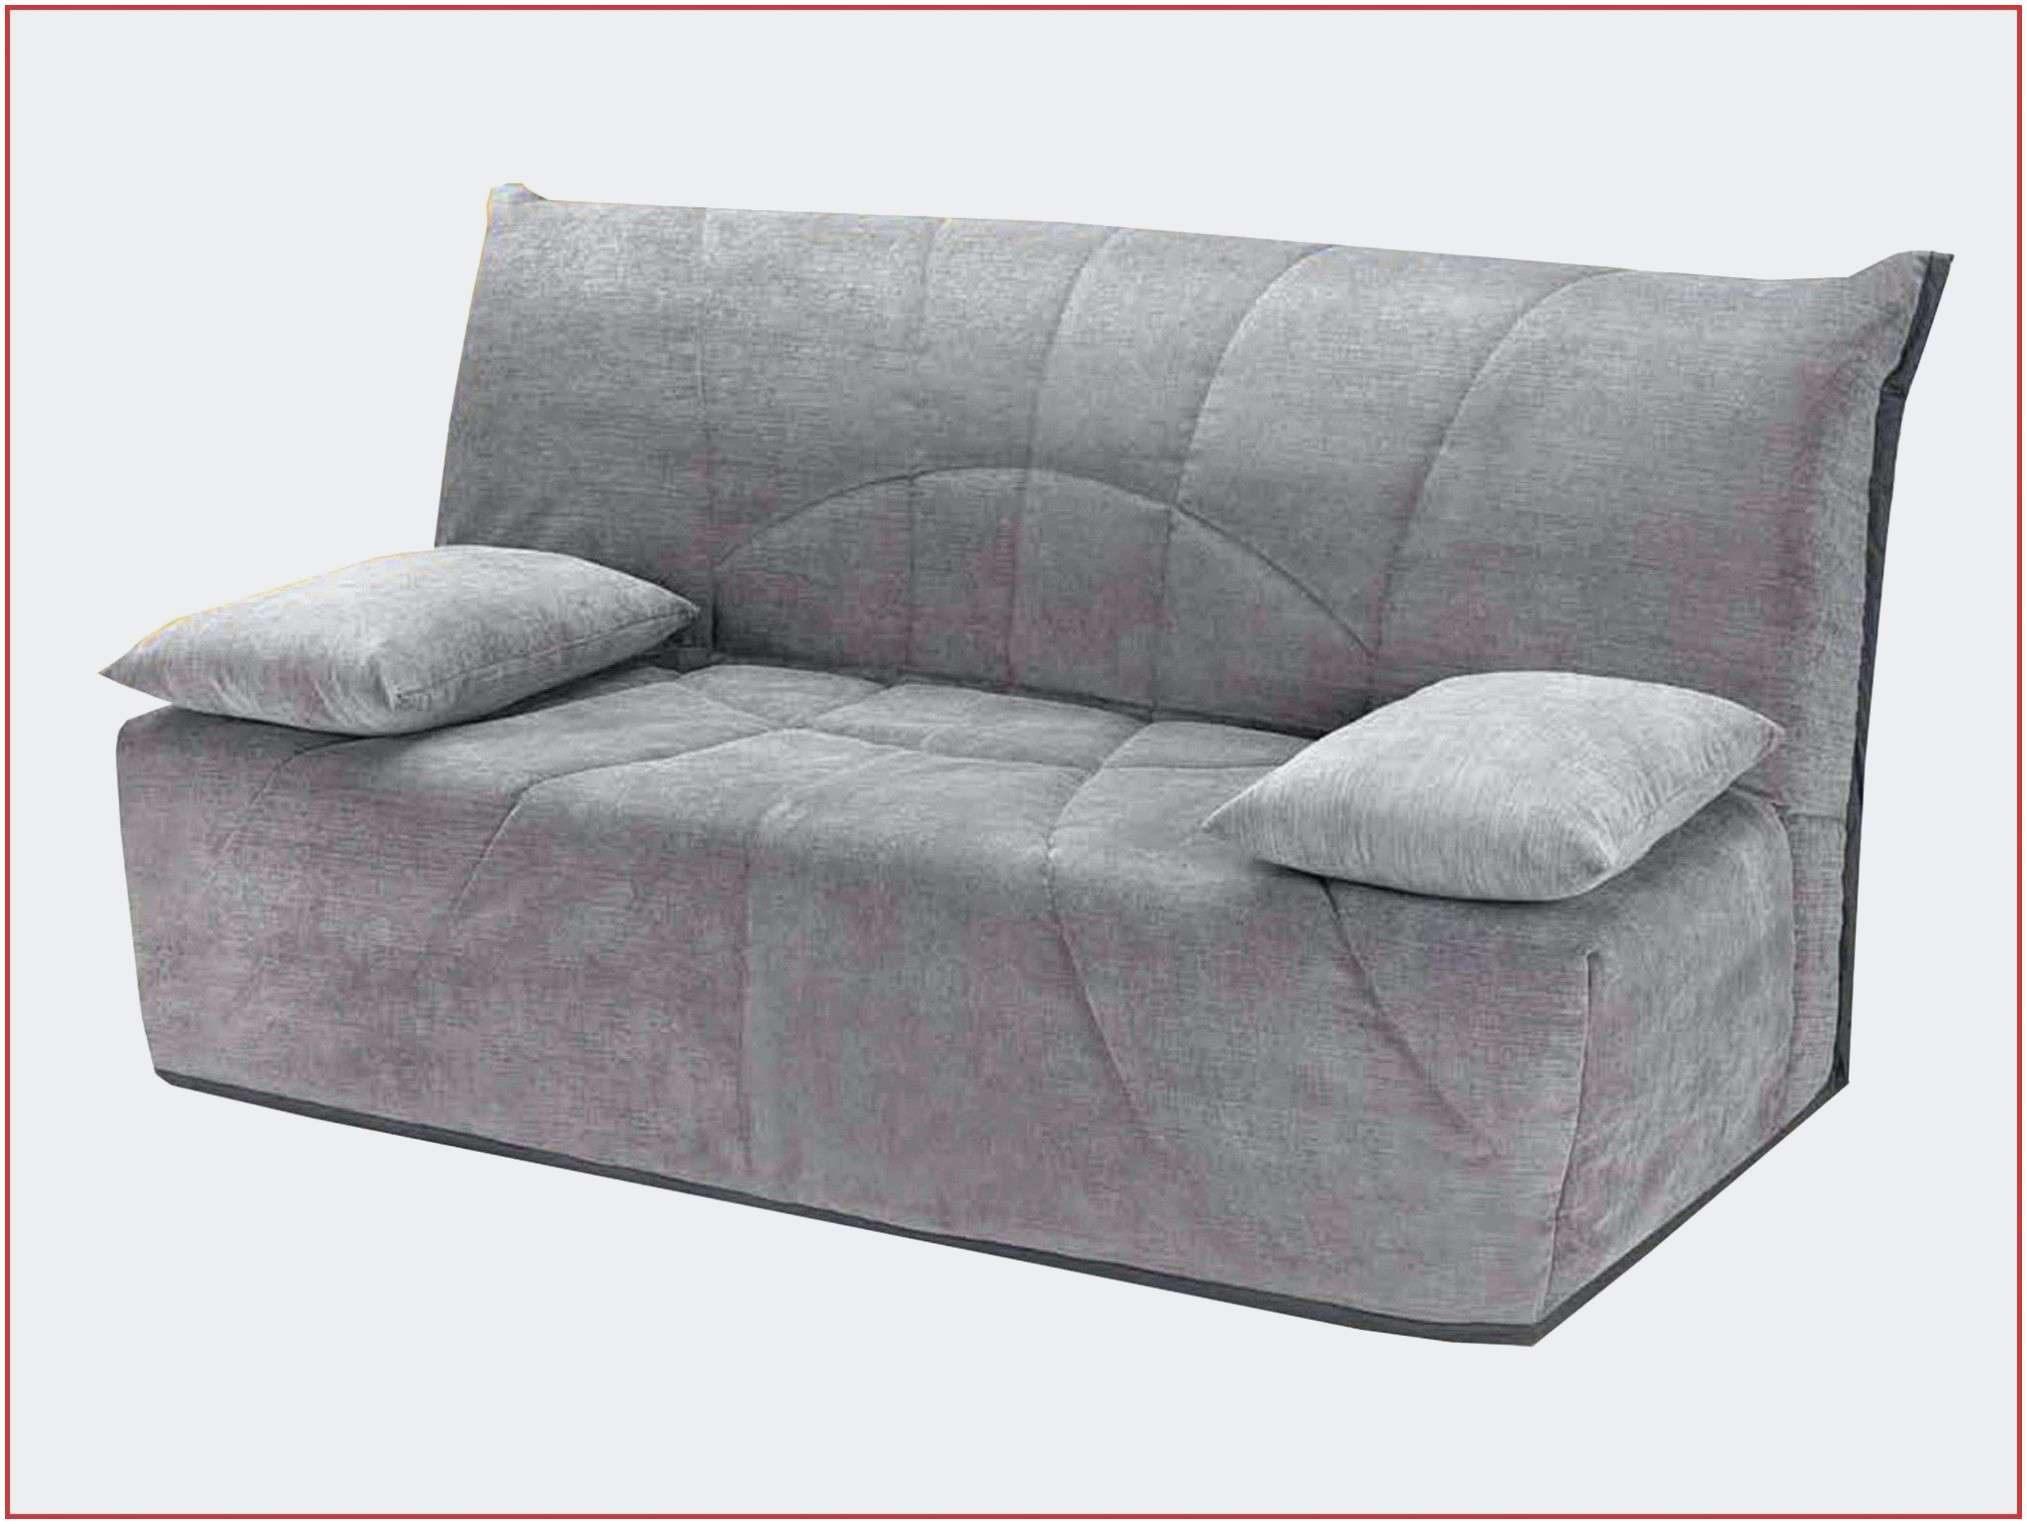 Canapé Lit Ikea Douce Inspiré Housse Canapé Gris Lovely Plaid Canape D Angle 23 Canap C3